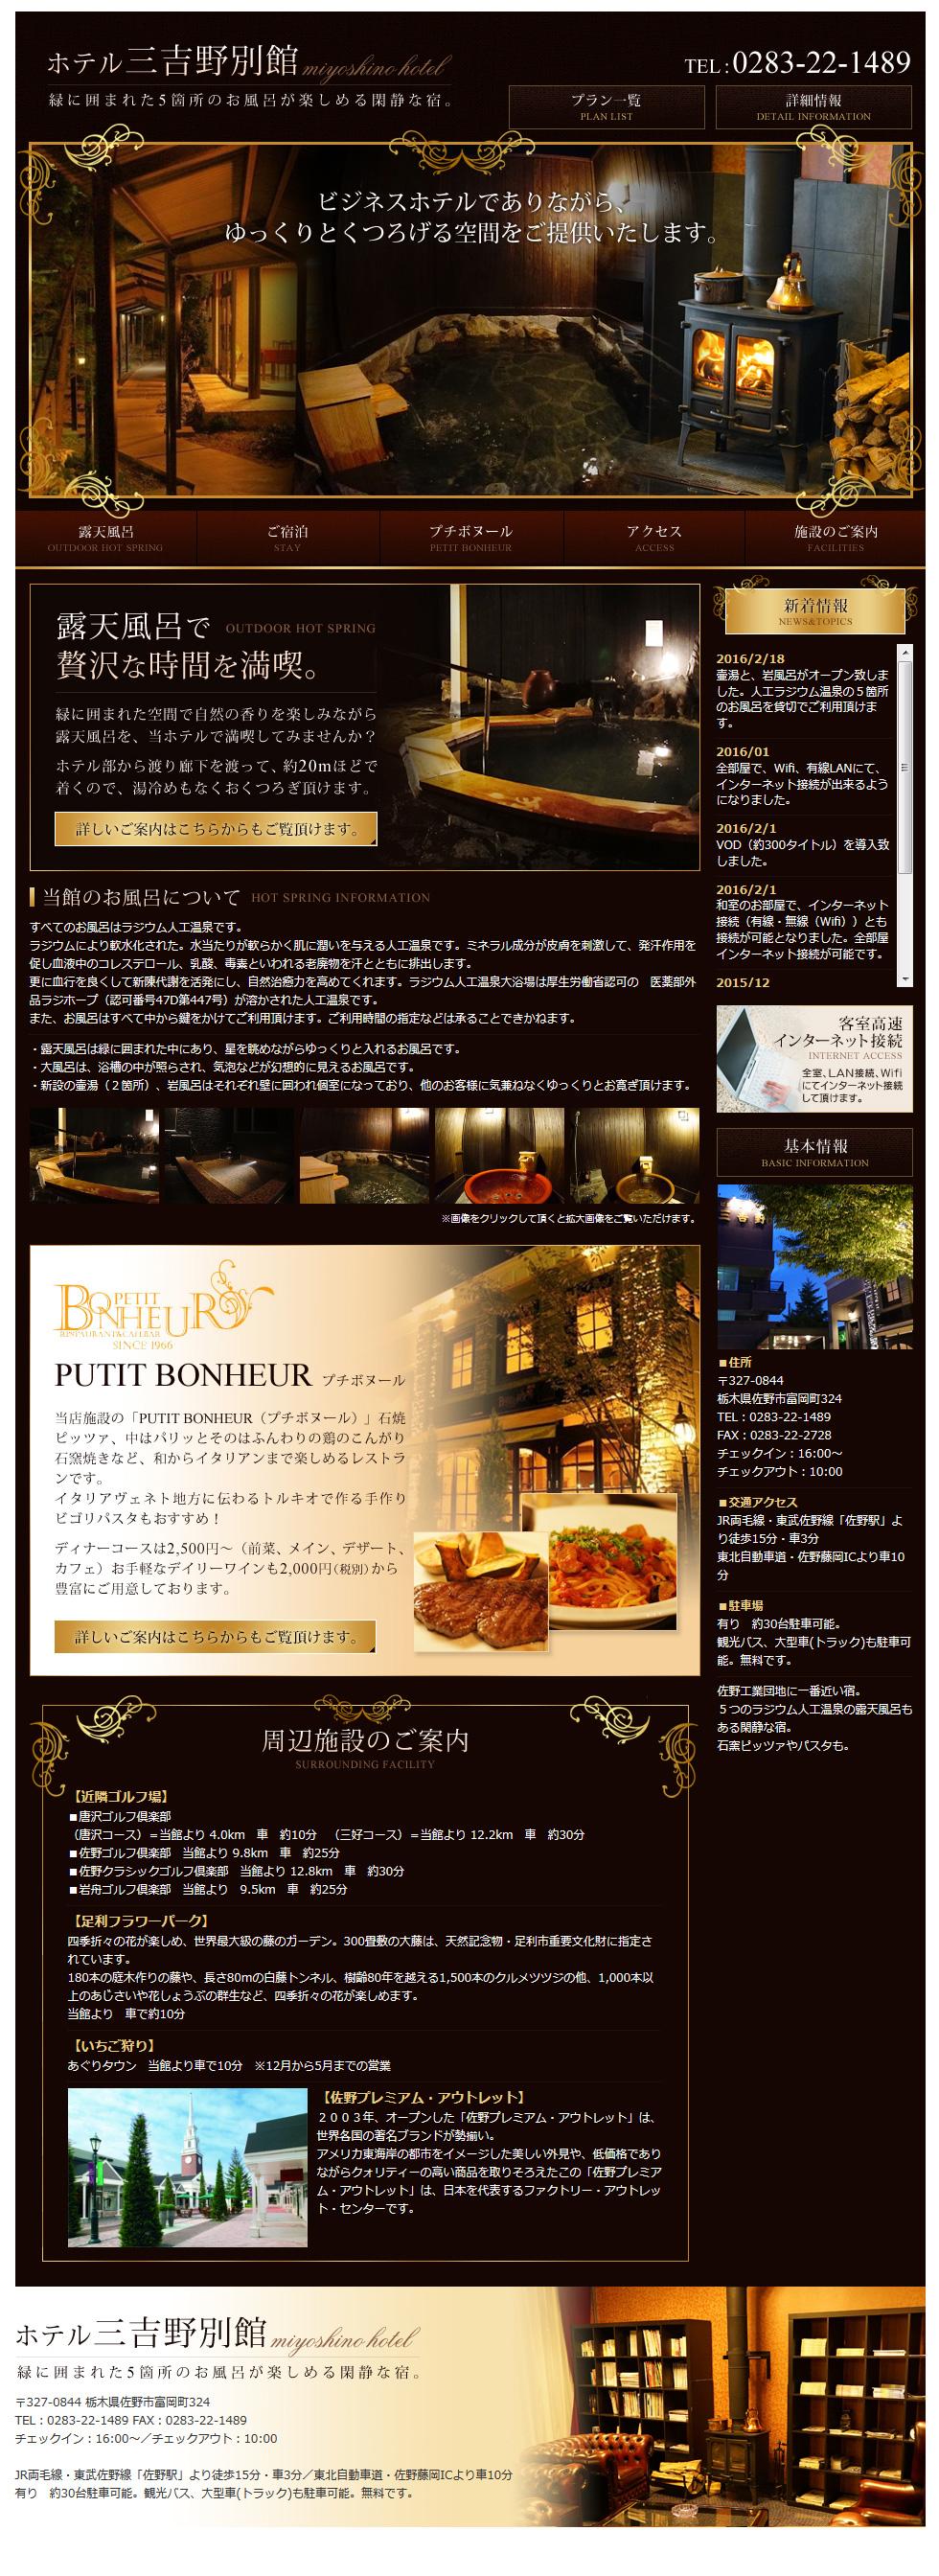 ホテル三吉野別館